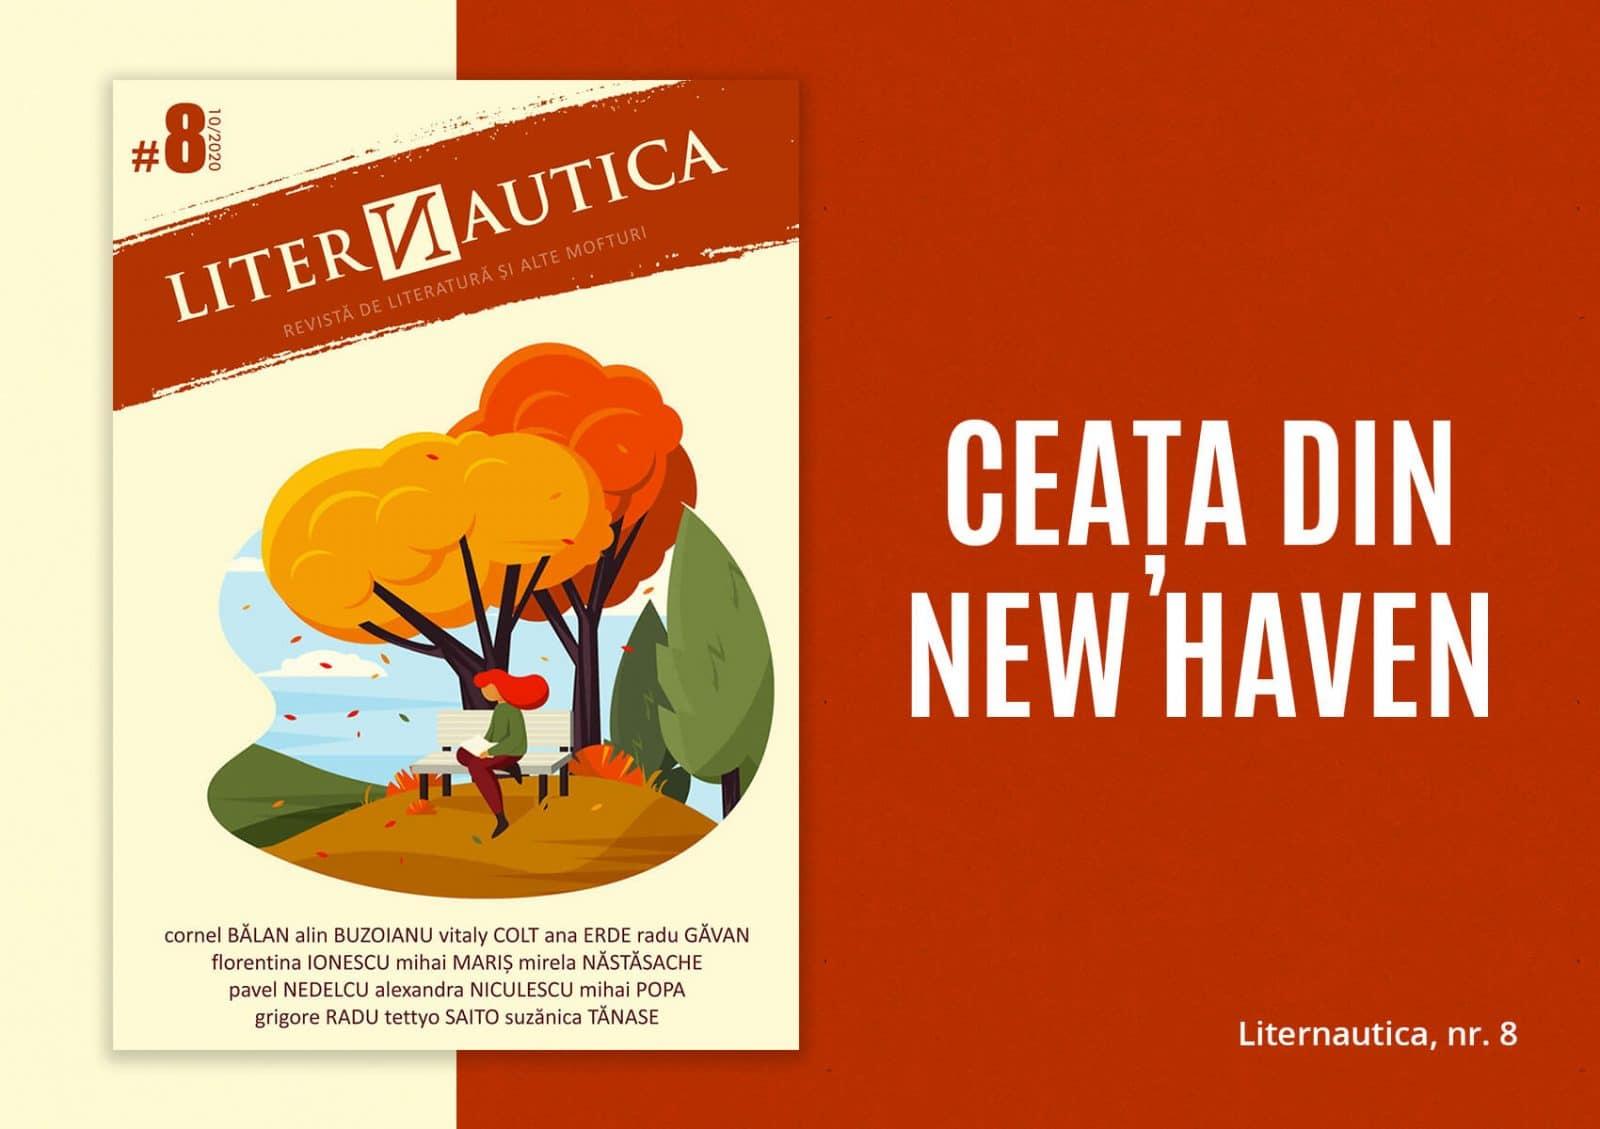 ceata-din-new-haven-liternautica